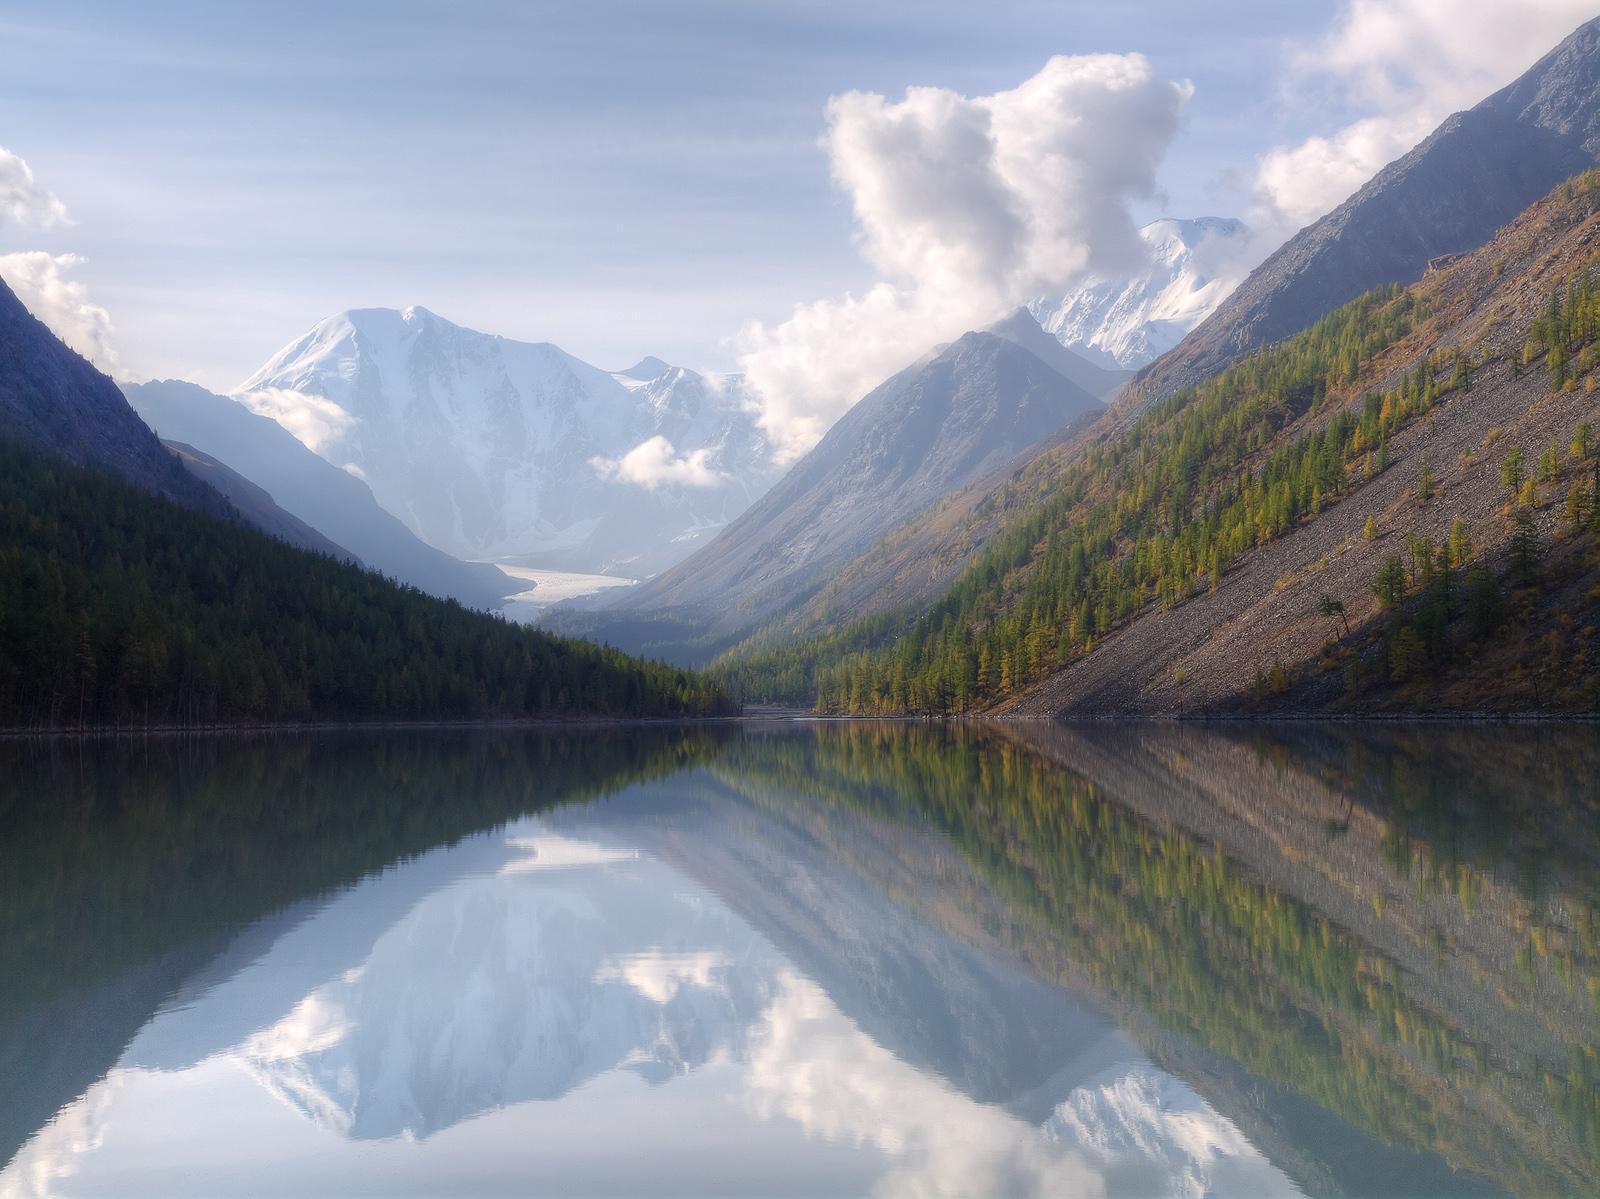 モスクワから3,134km離れているアルタイ山脈の山岳地帯は、バイカル湖と共にシベリアで最も人気の観光エリアである。